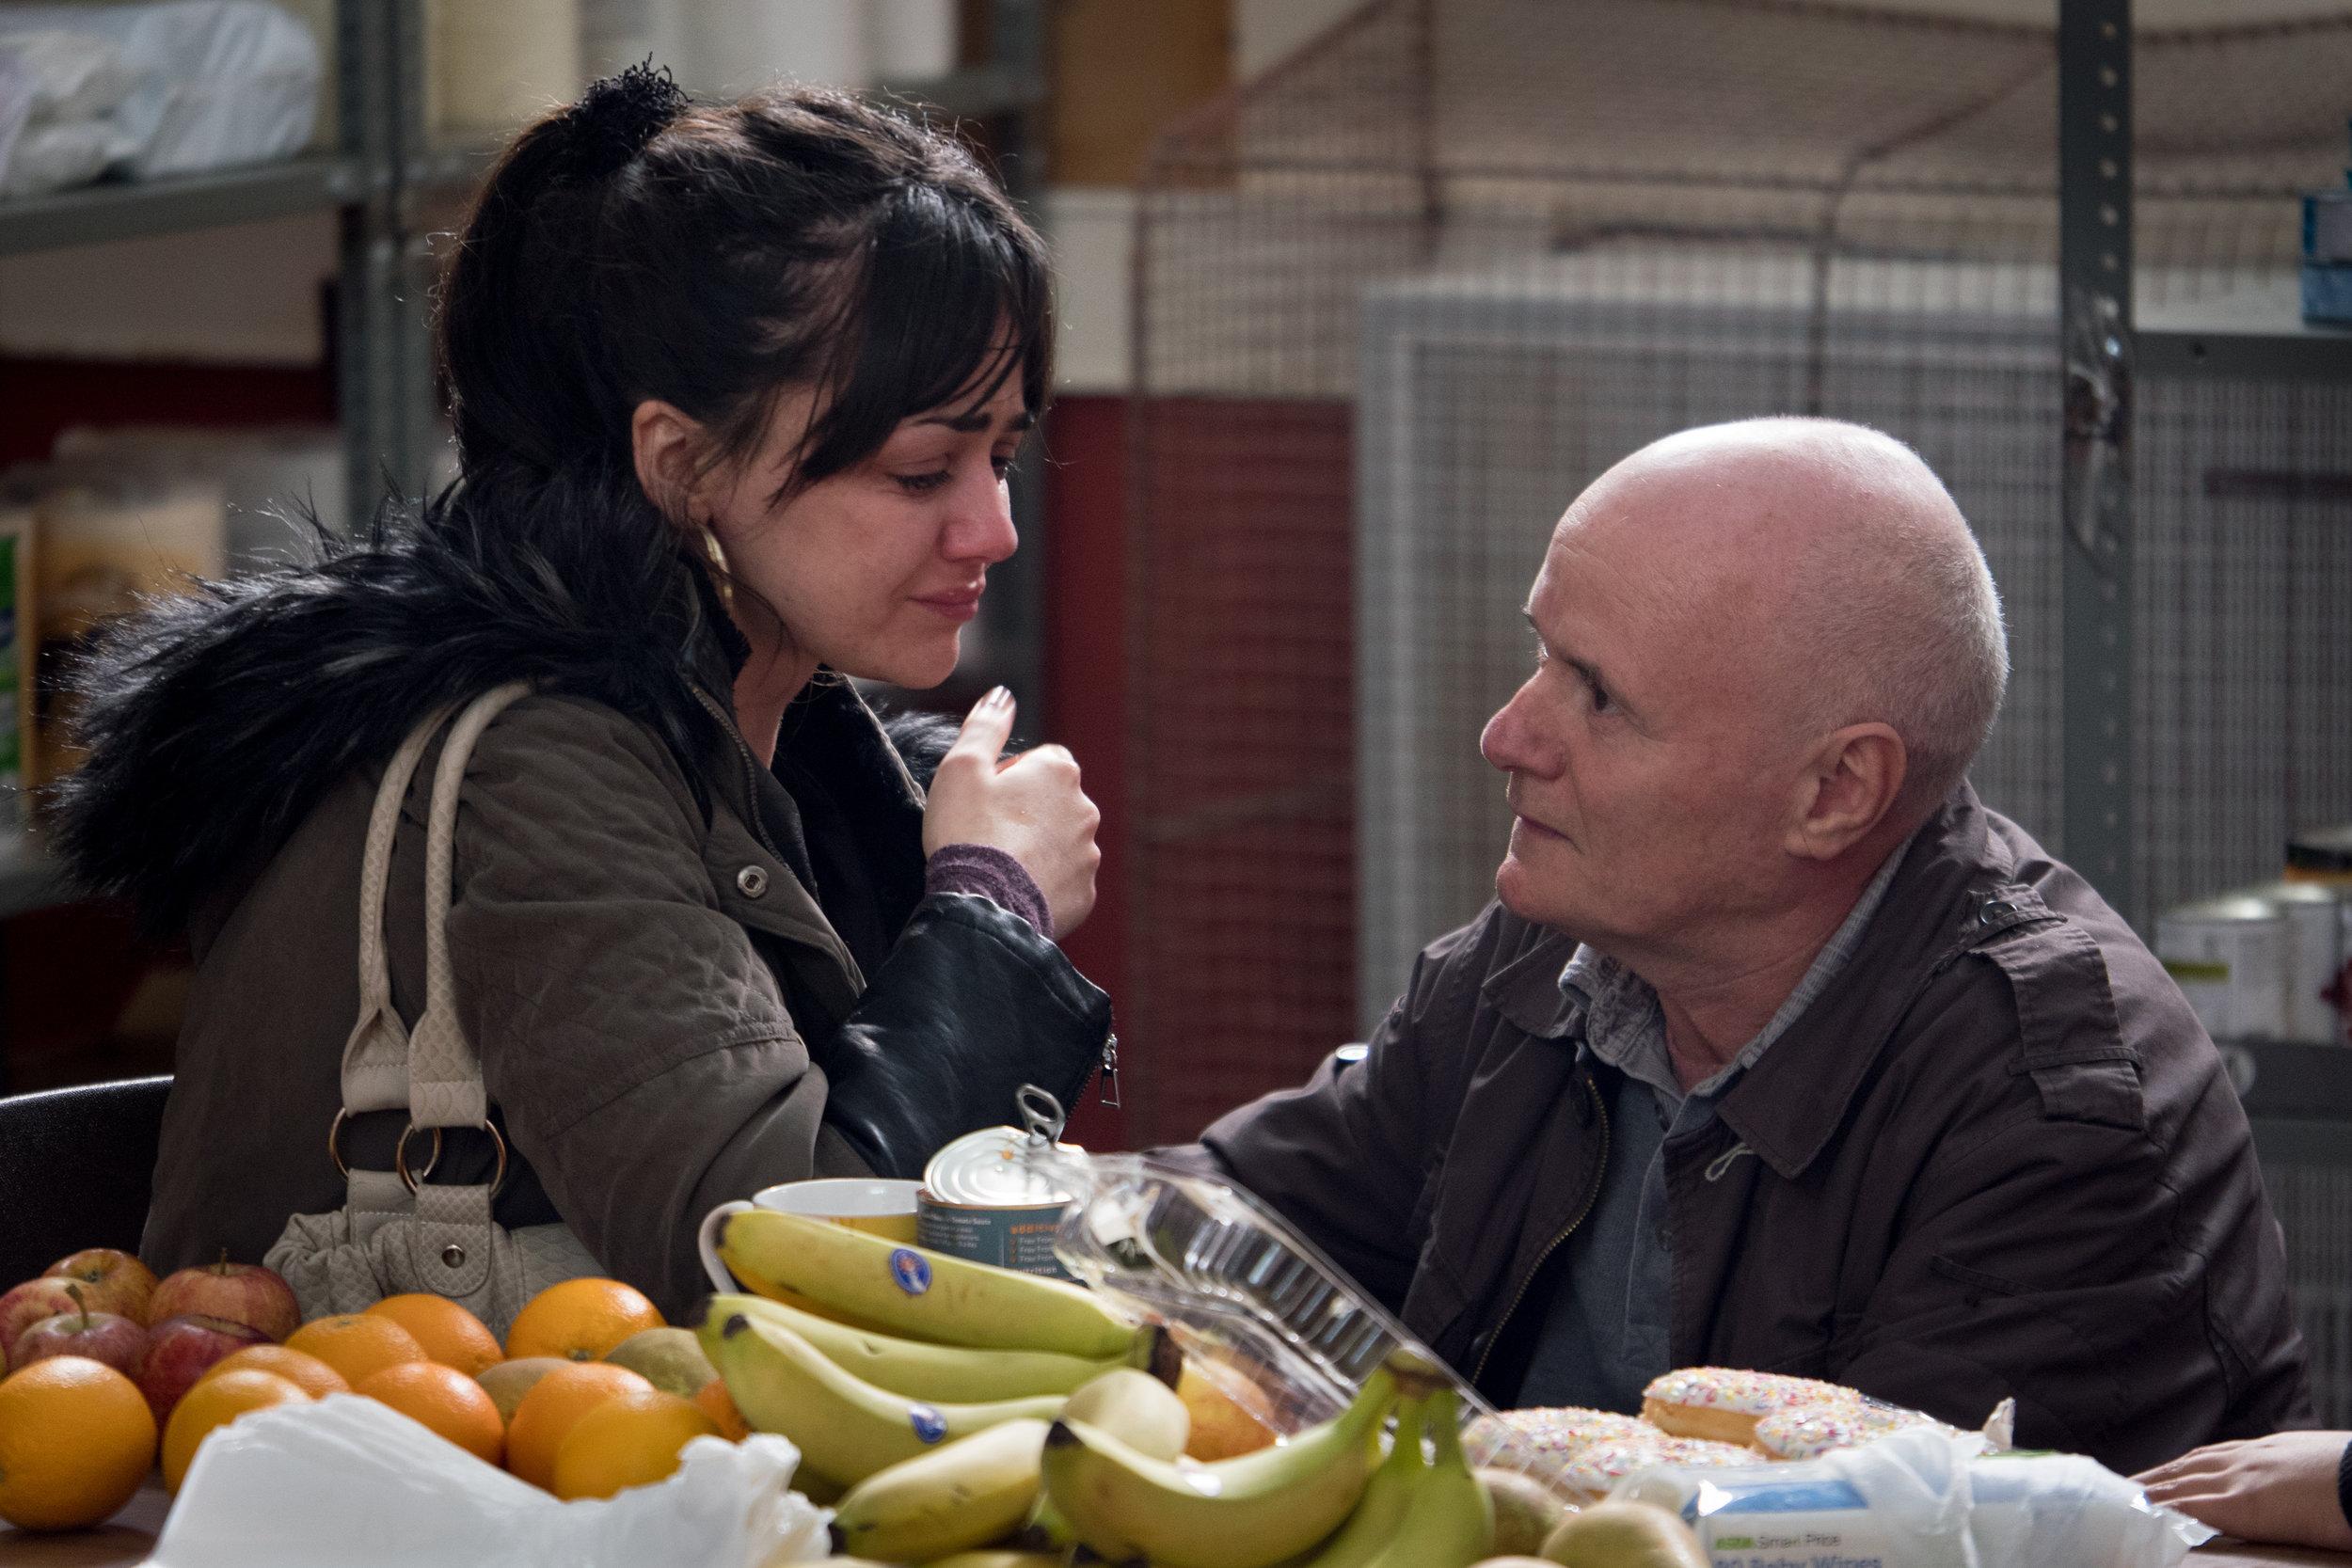 Hovedpersonene Daniel (Dave Johns) og Katie (Hayley Squires)er alminnelige, anstendige borgere som ønsker å opprettholde et verdig liv.